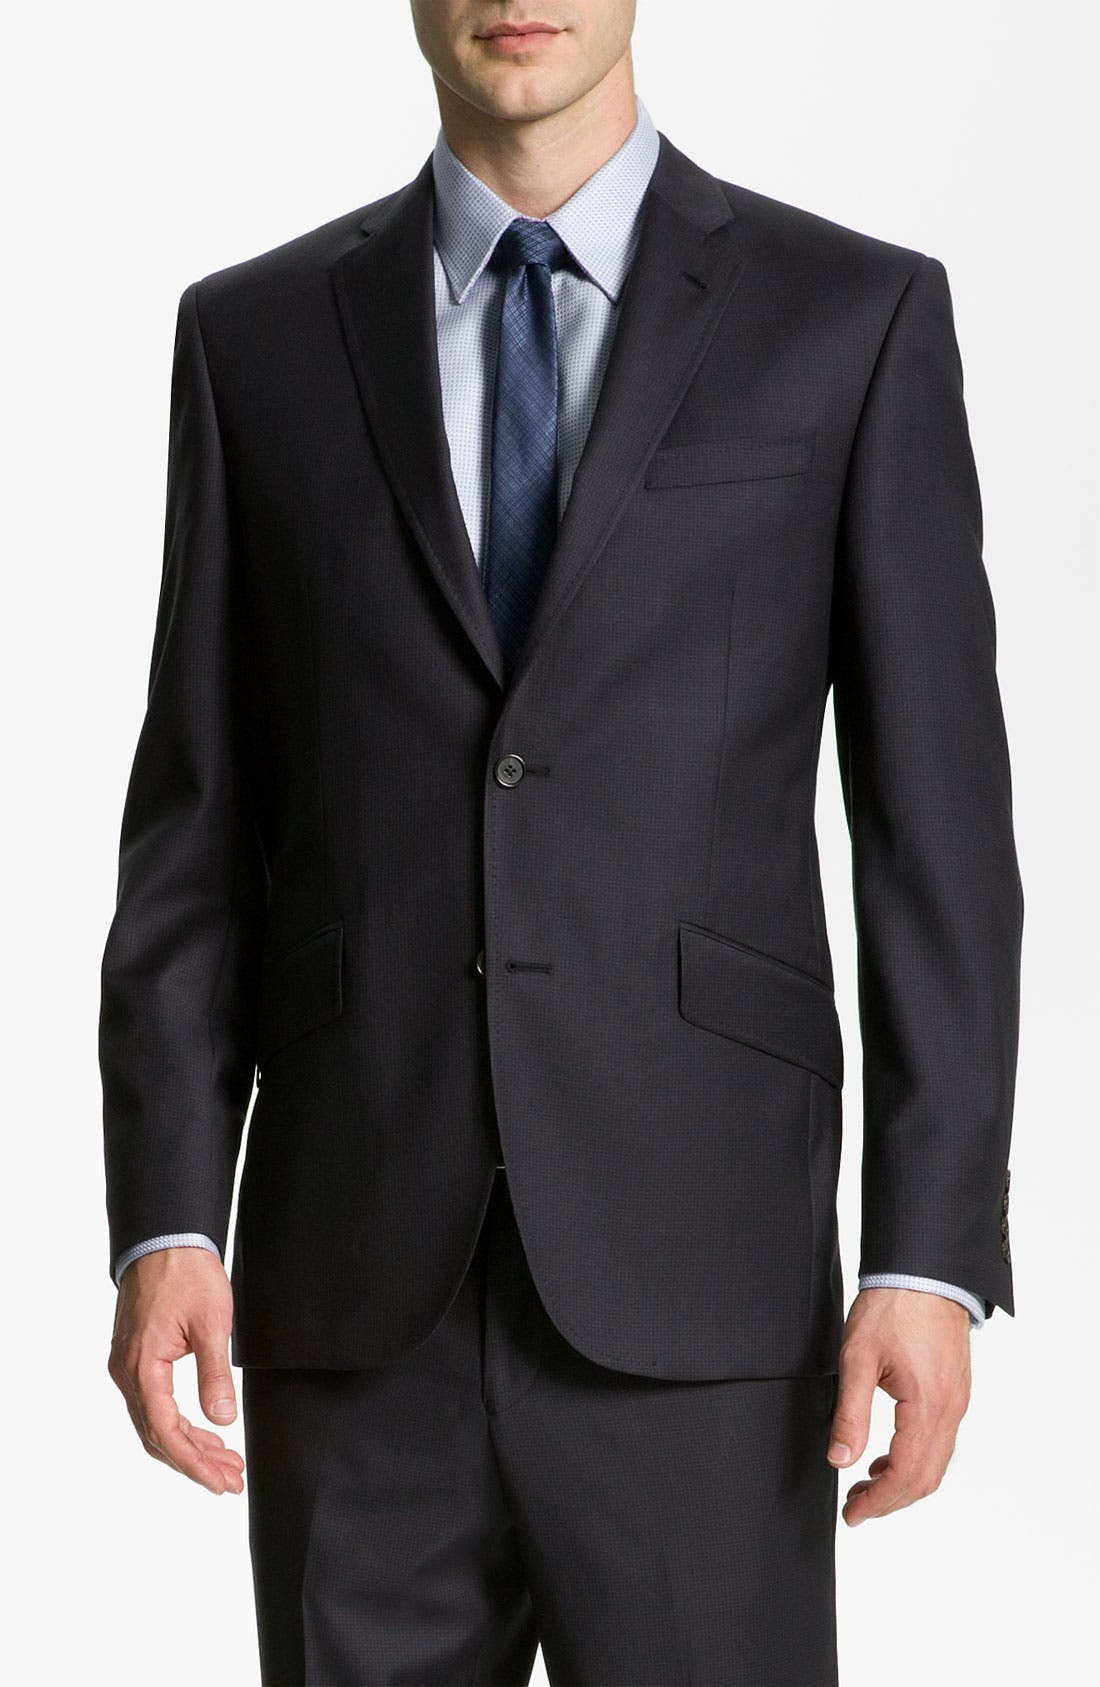 Main Image - Ted Baker London 'Jones' Trim Fit Stripe Suit